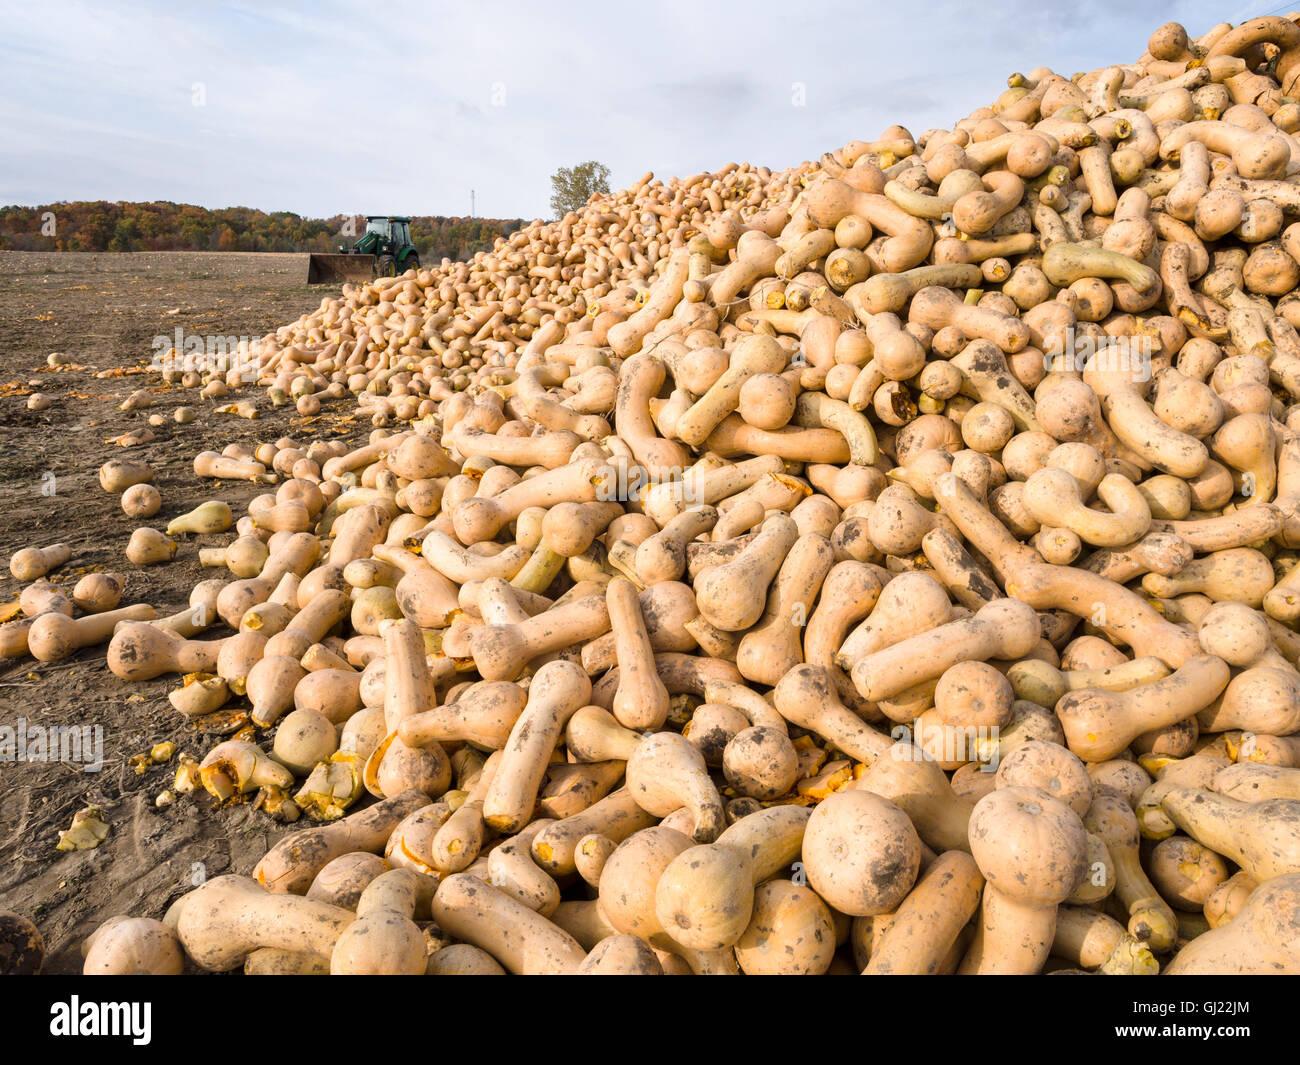 Raccolte la zucca. Un gran numero di grandi zucca riuniti in una grande pila nel campo crescente Immagini Stock